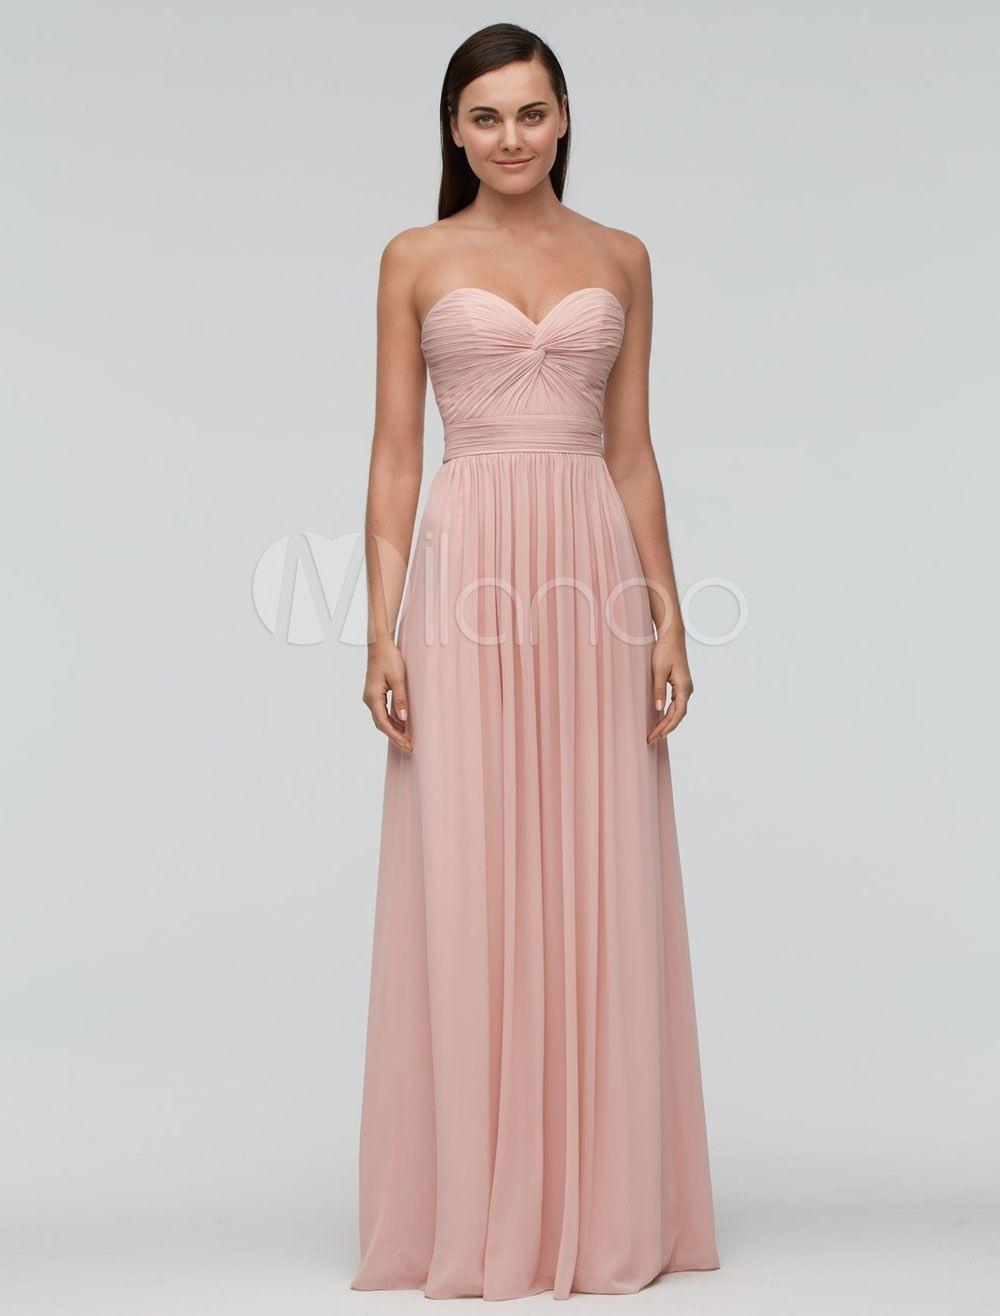 Formal Leicht Schöne Kleider Für Hochzeit Günstig Galerie Luxurius Schöne Kleider Für Hochzeit Günstig Spezialgebiet